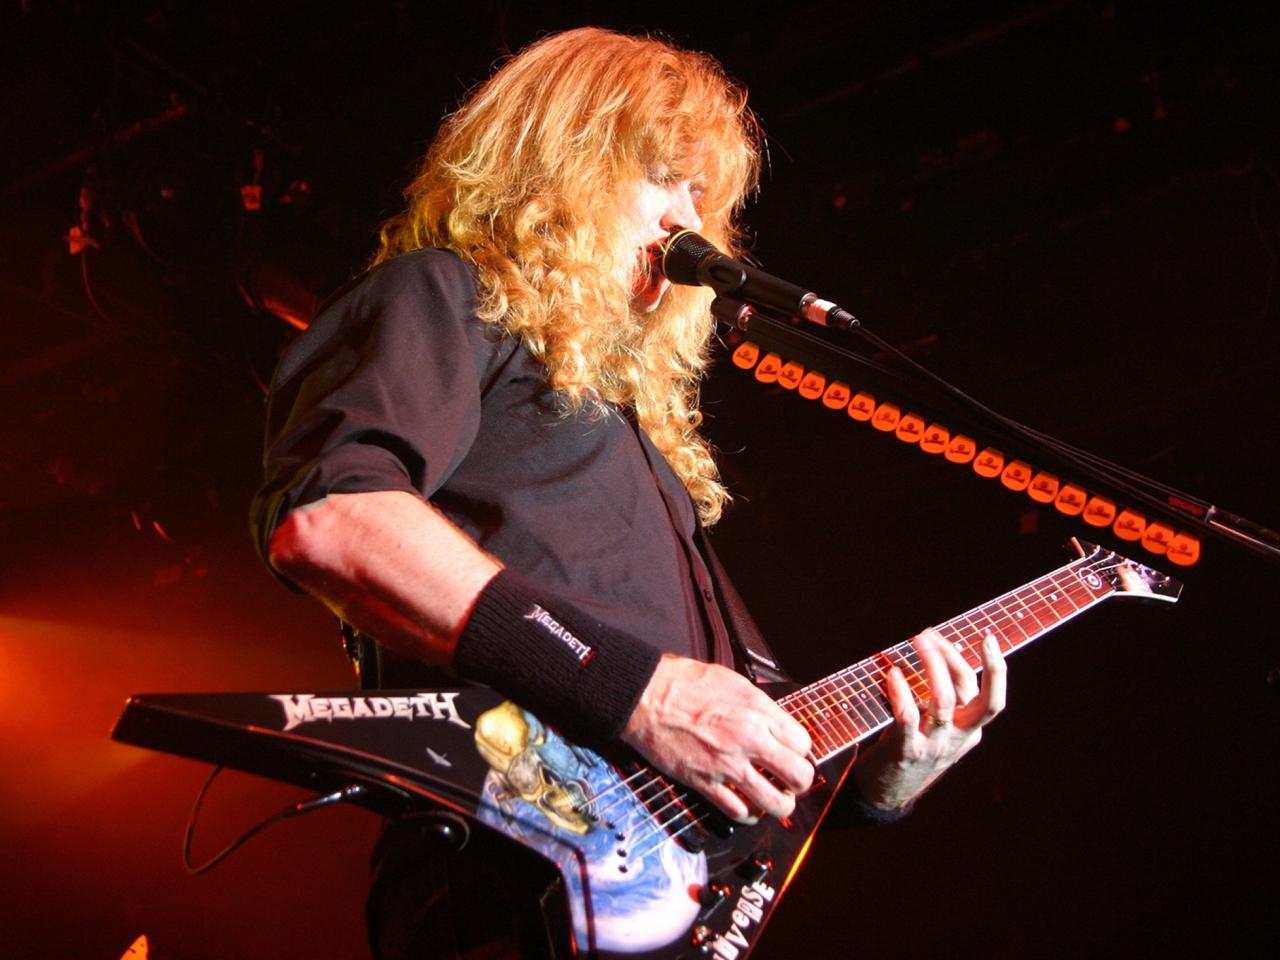 El guitarrista de Megadeth - 1280x960